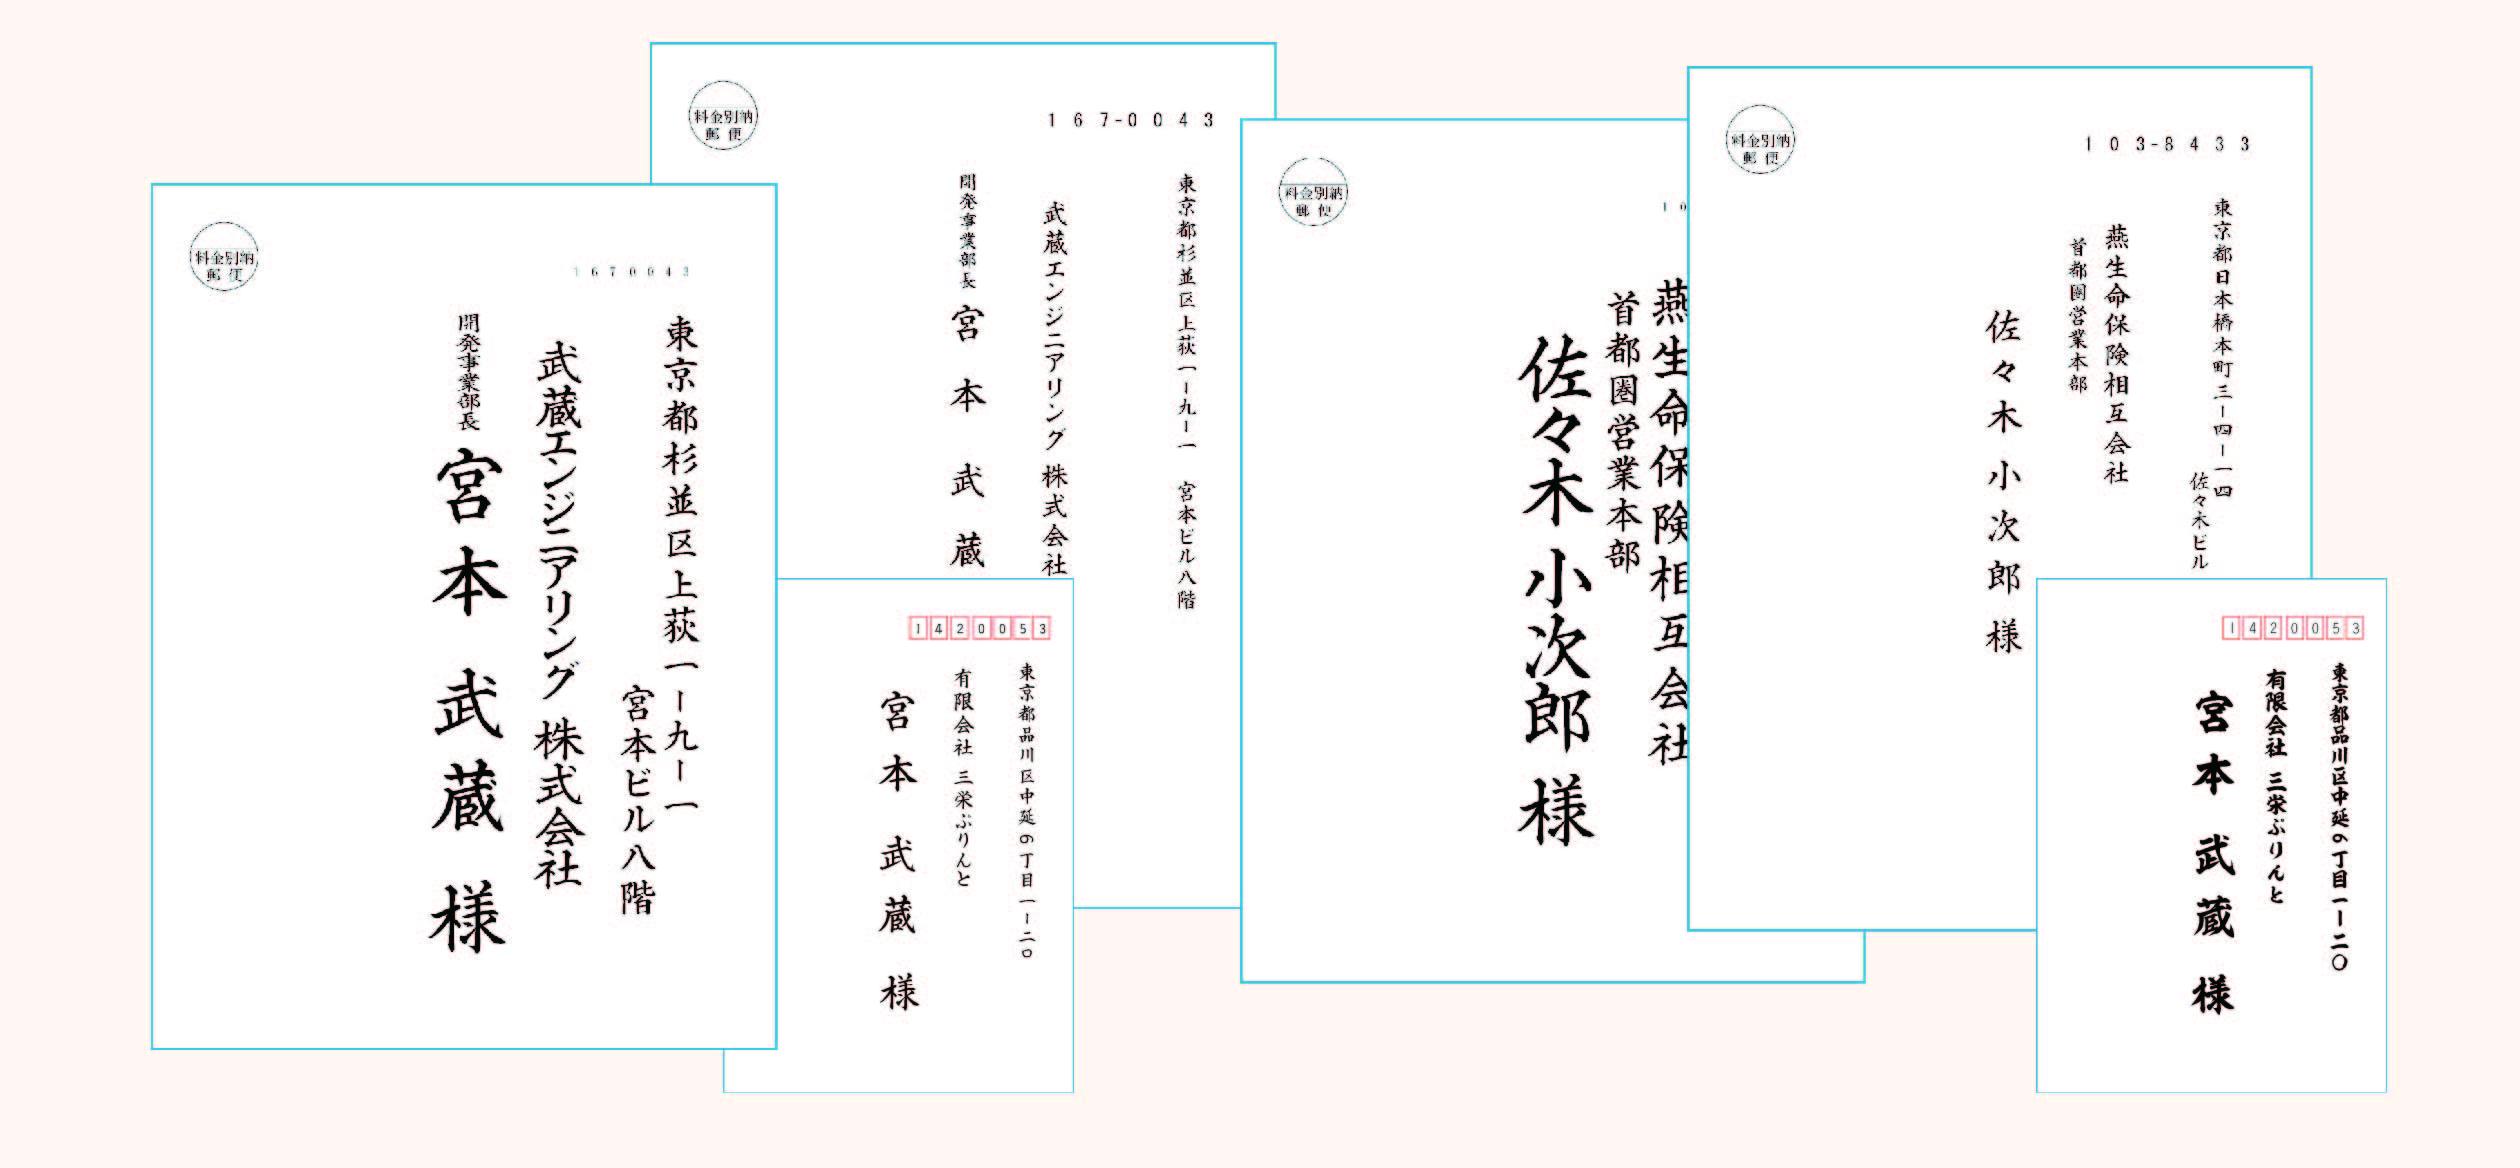 宛名印刷 長3封筒の場合のフォントサイズ